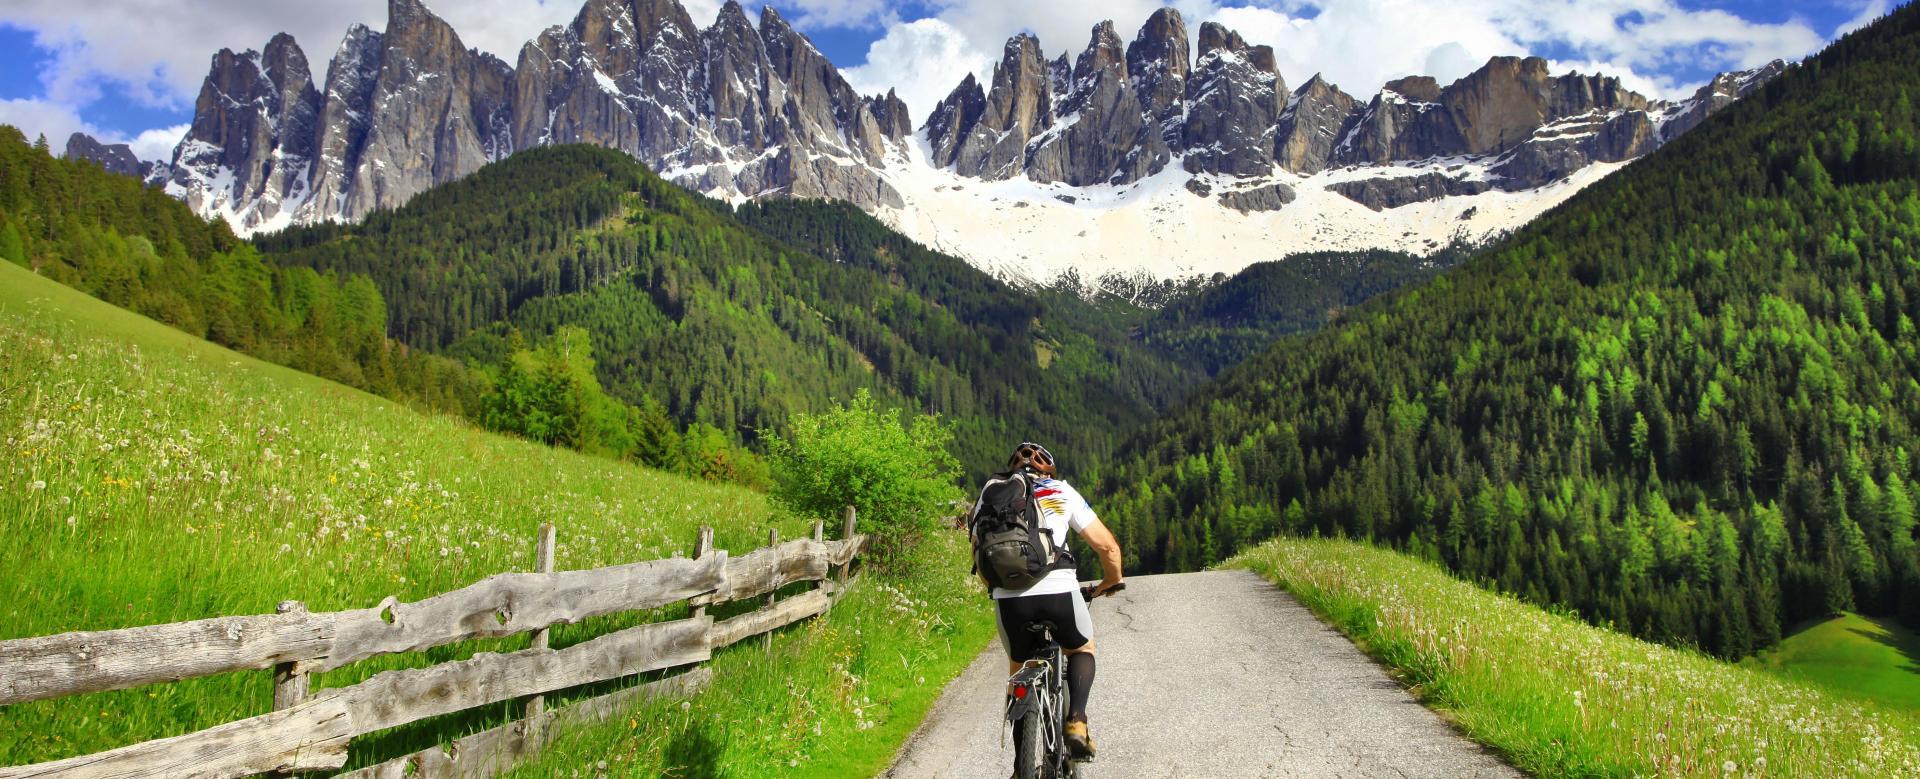 Voyage en véhicule Italie : Les pistes des dolomites à vélo